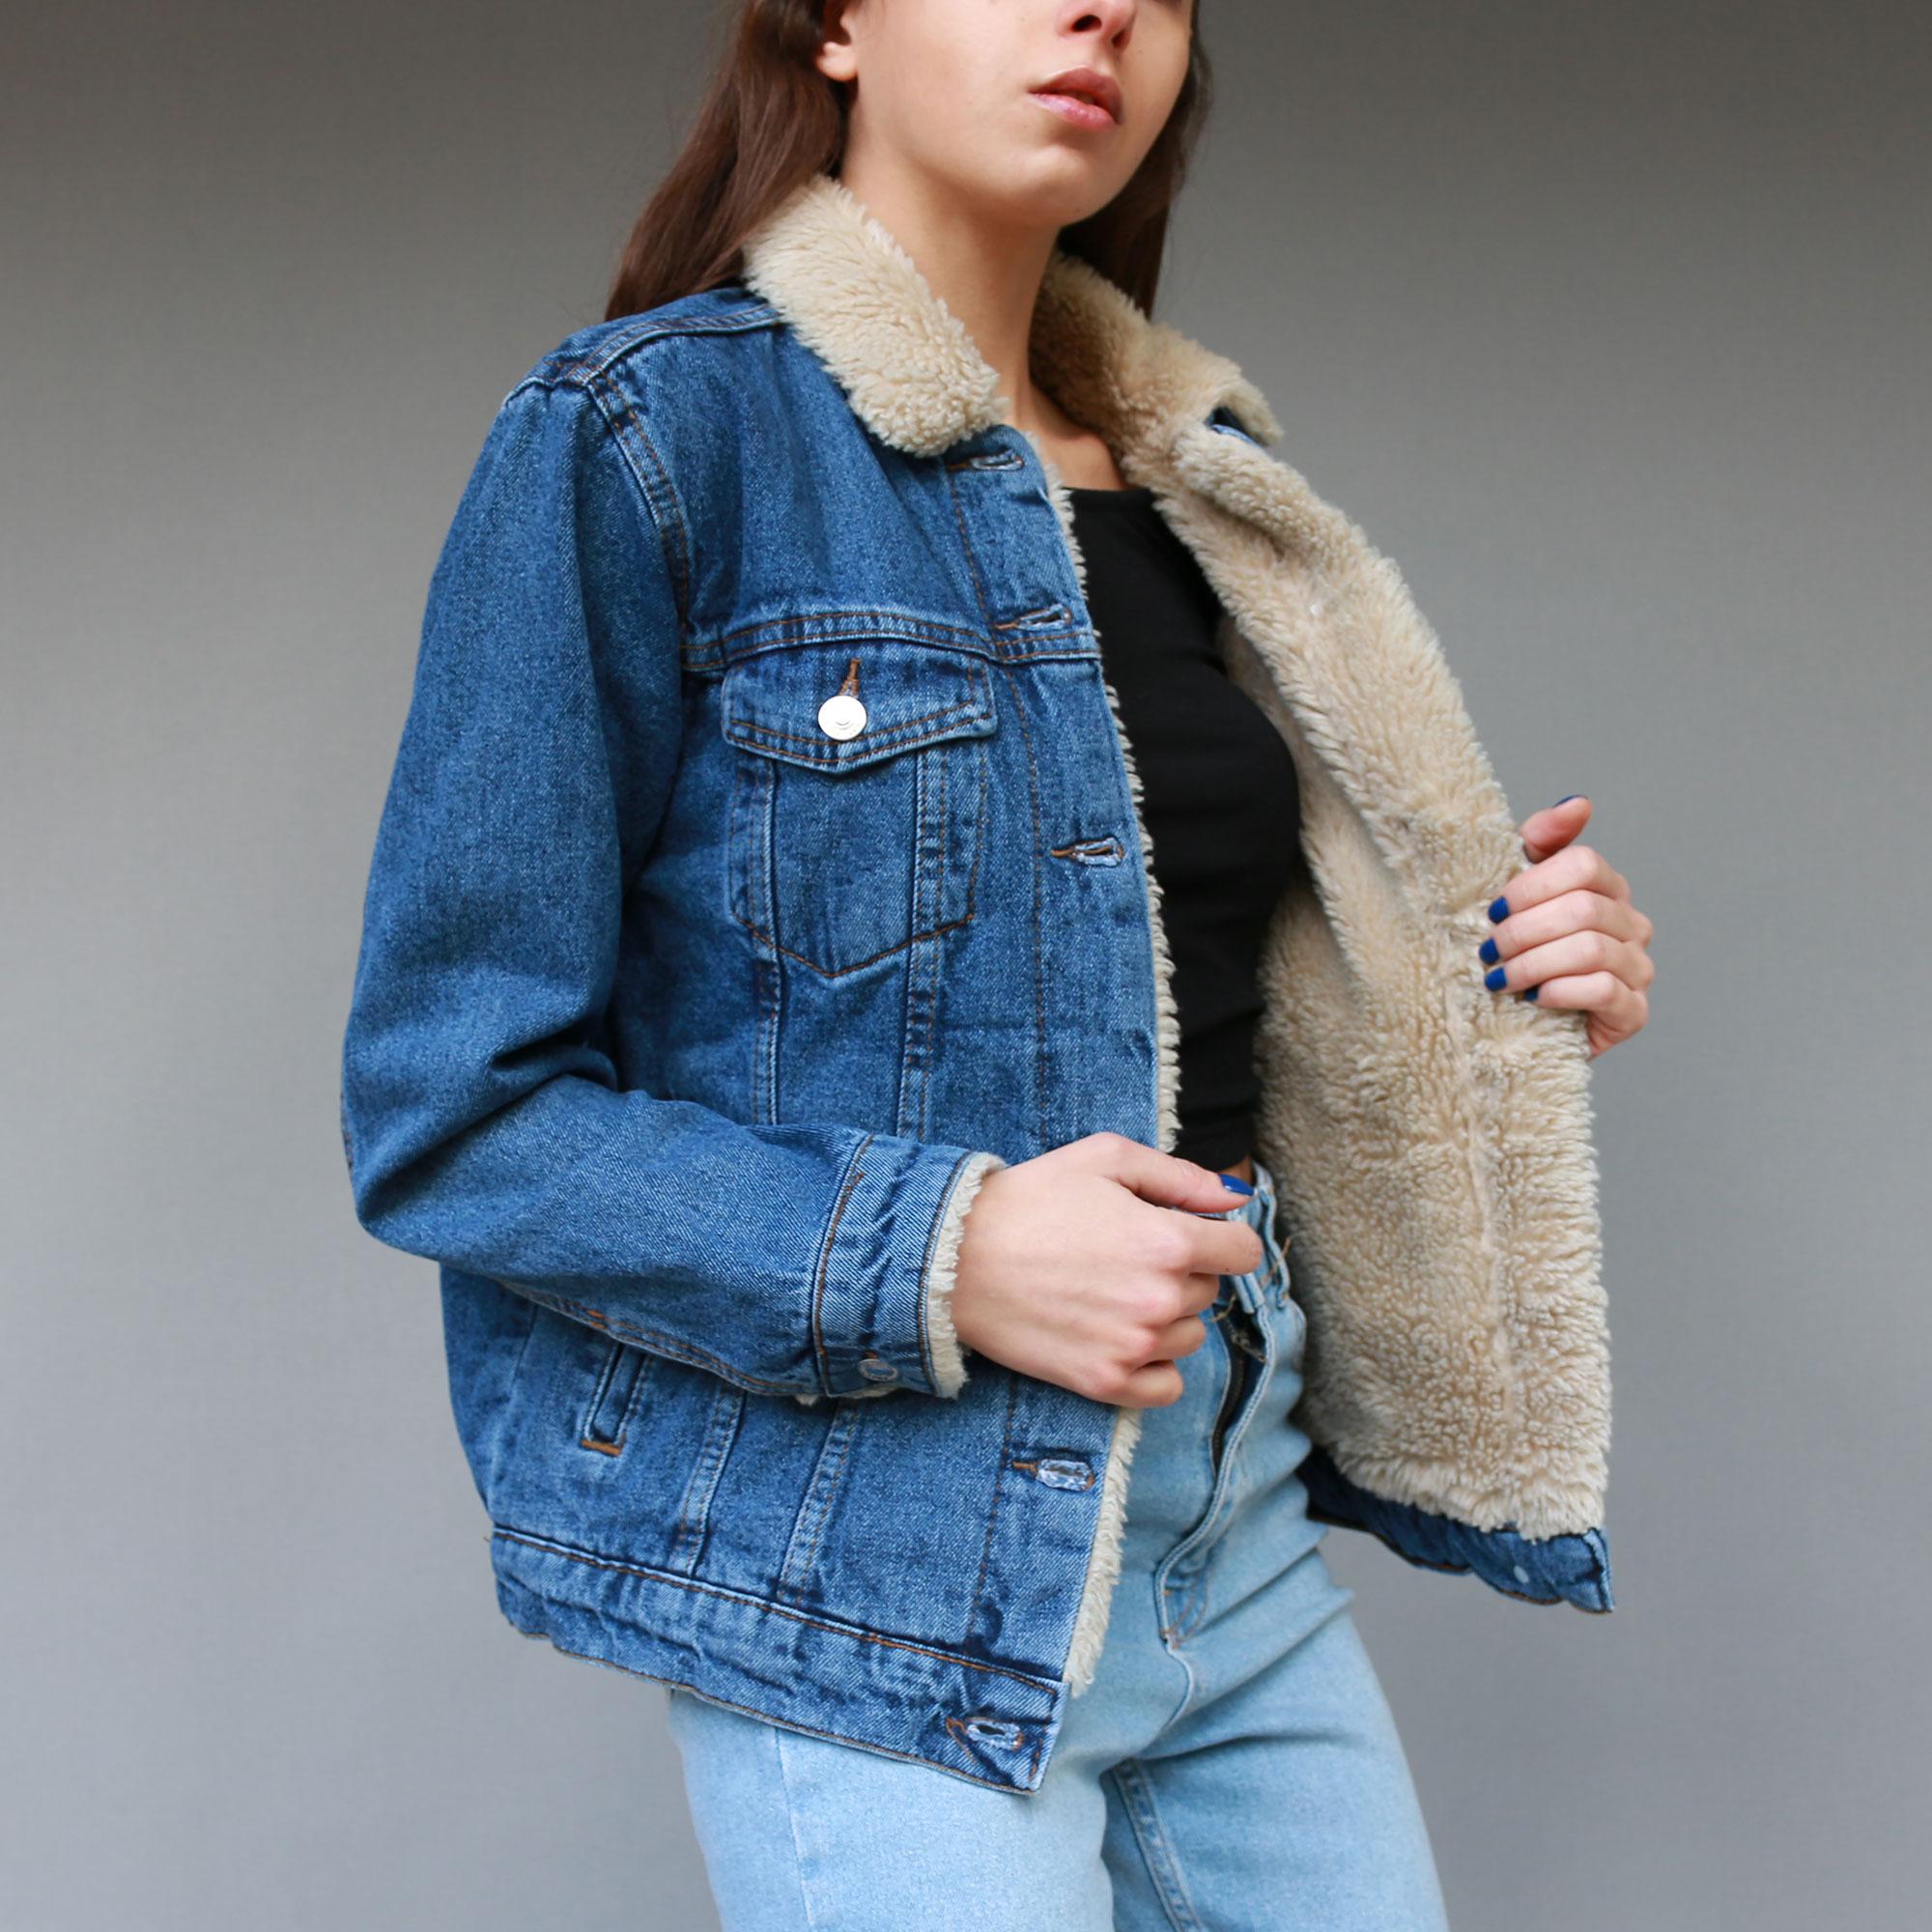 ربيع الخريف المرأة الدنيم سترة الفراء طوق سميكة جان ملابس خارجية معطف طويل الأكمام مبطن امبسوول أنيقة موضة